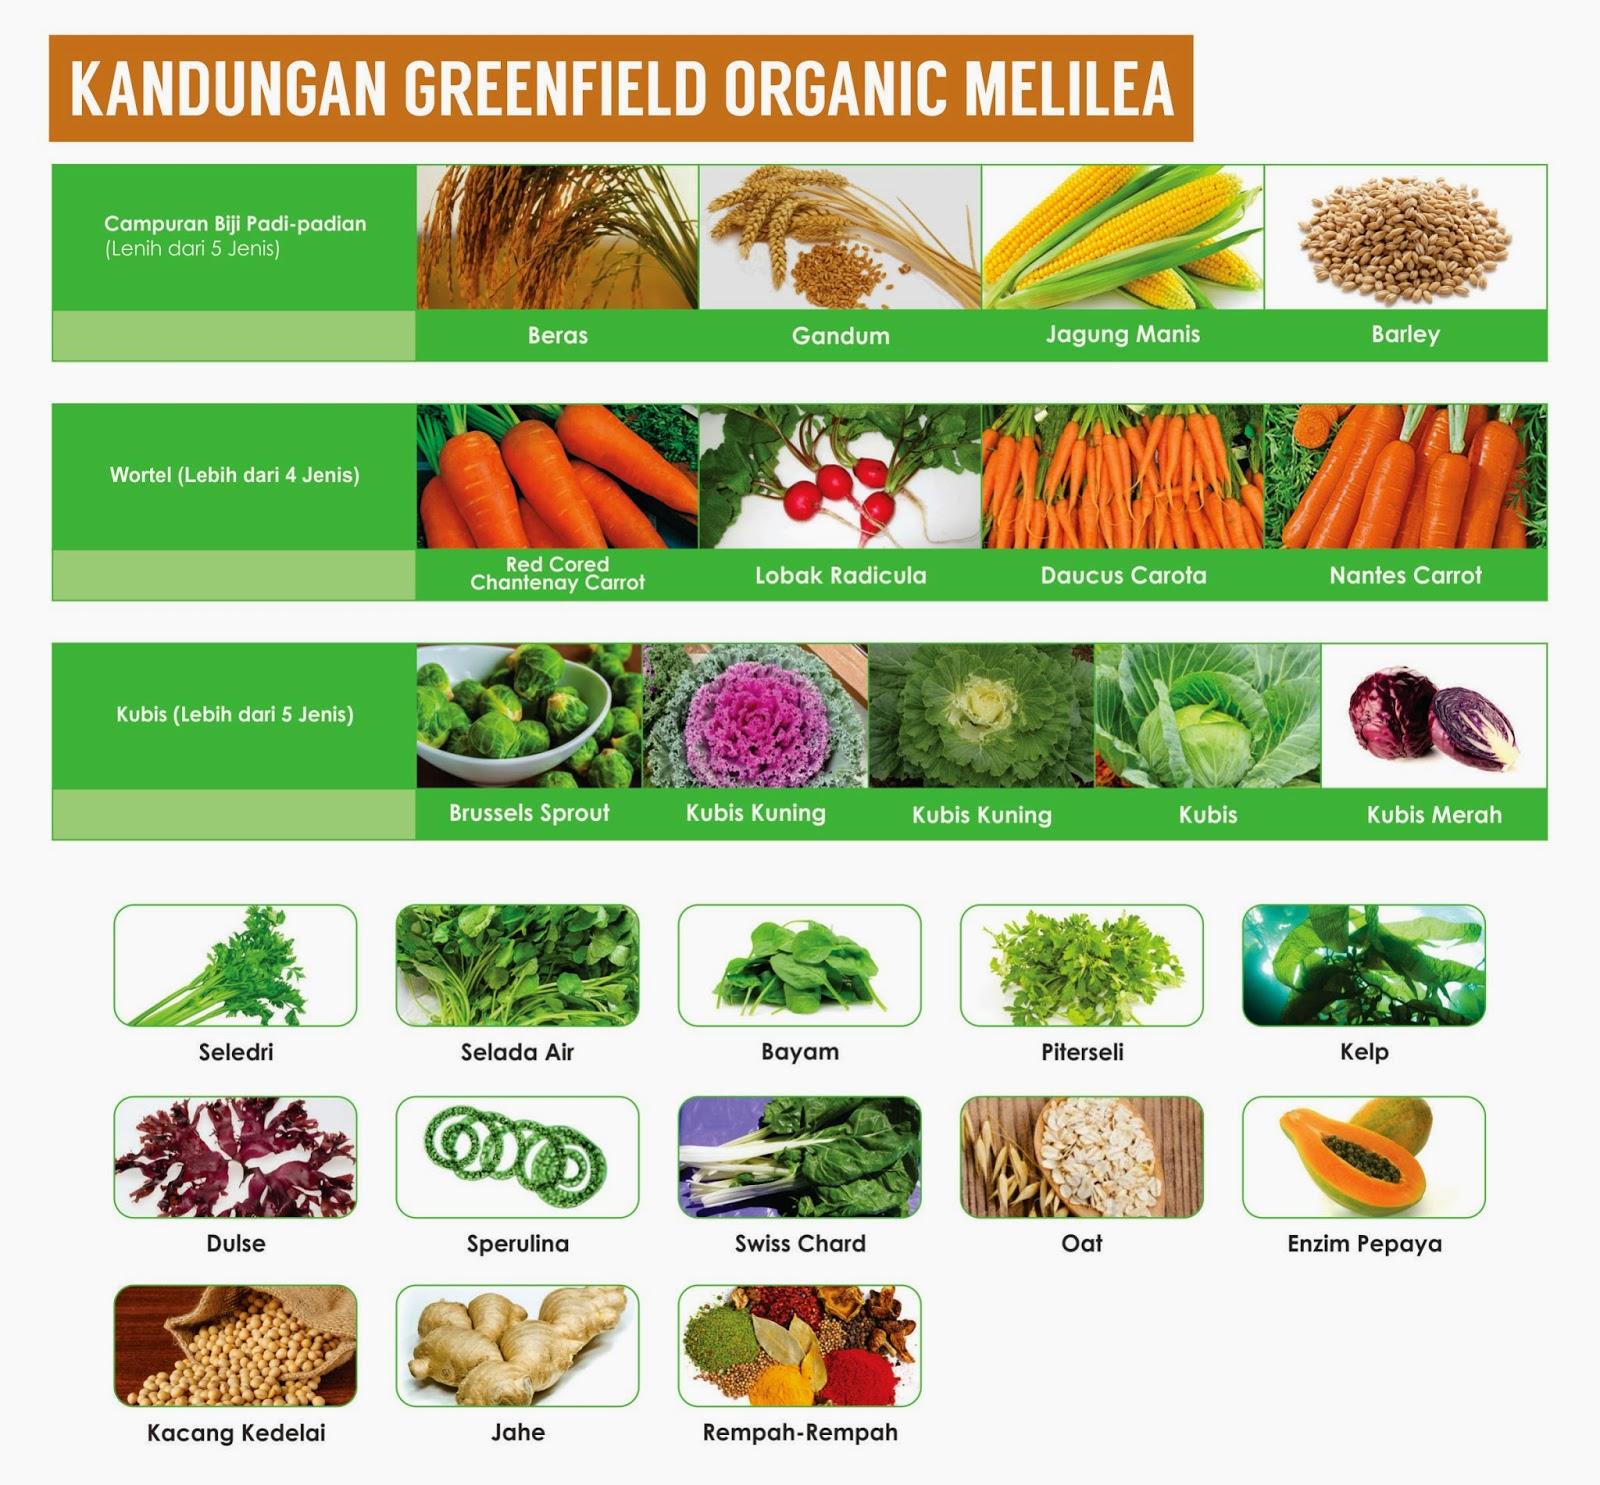 Greenfield Melilea | Melilea Greenfield Organic